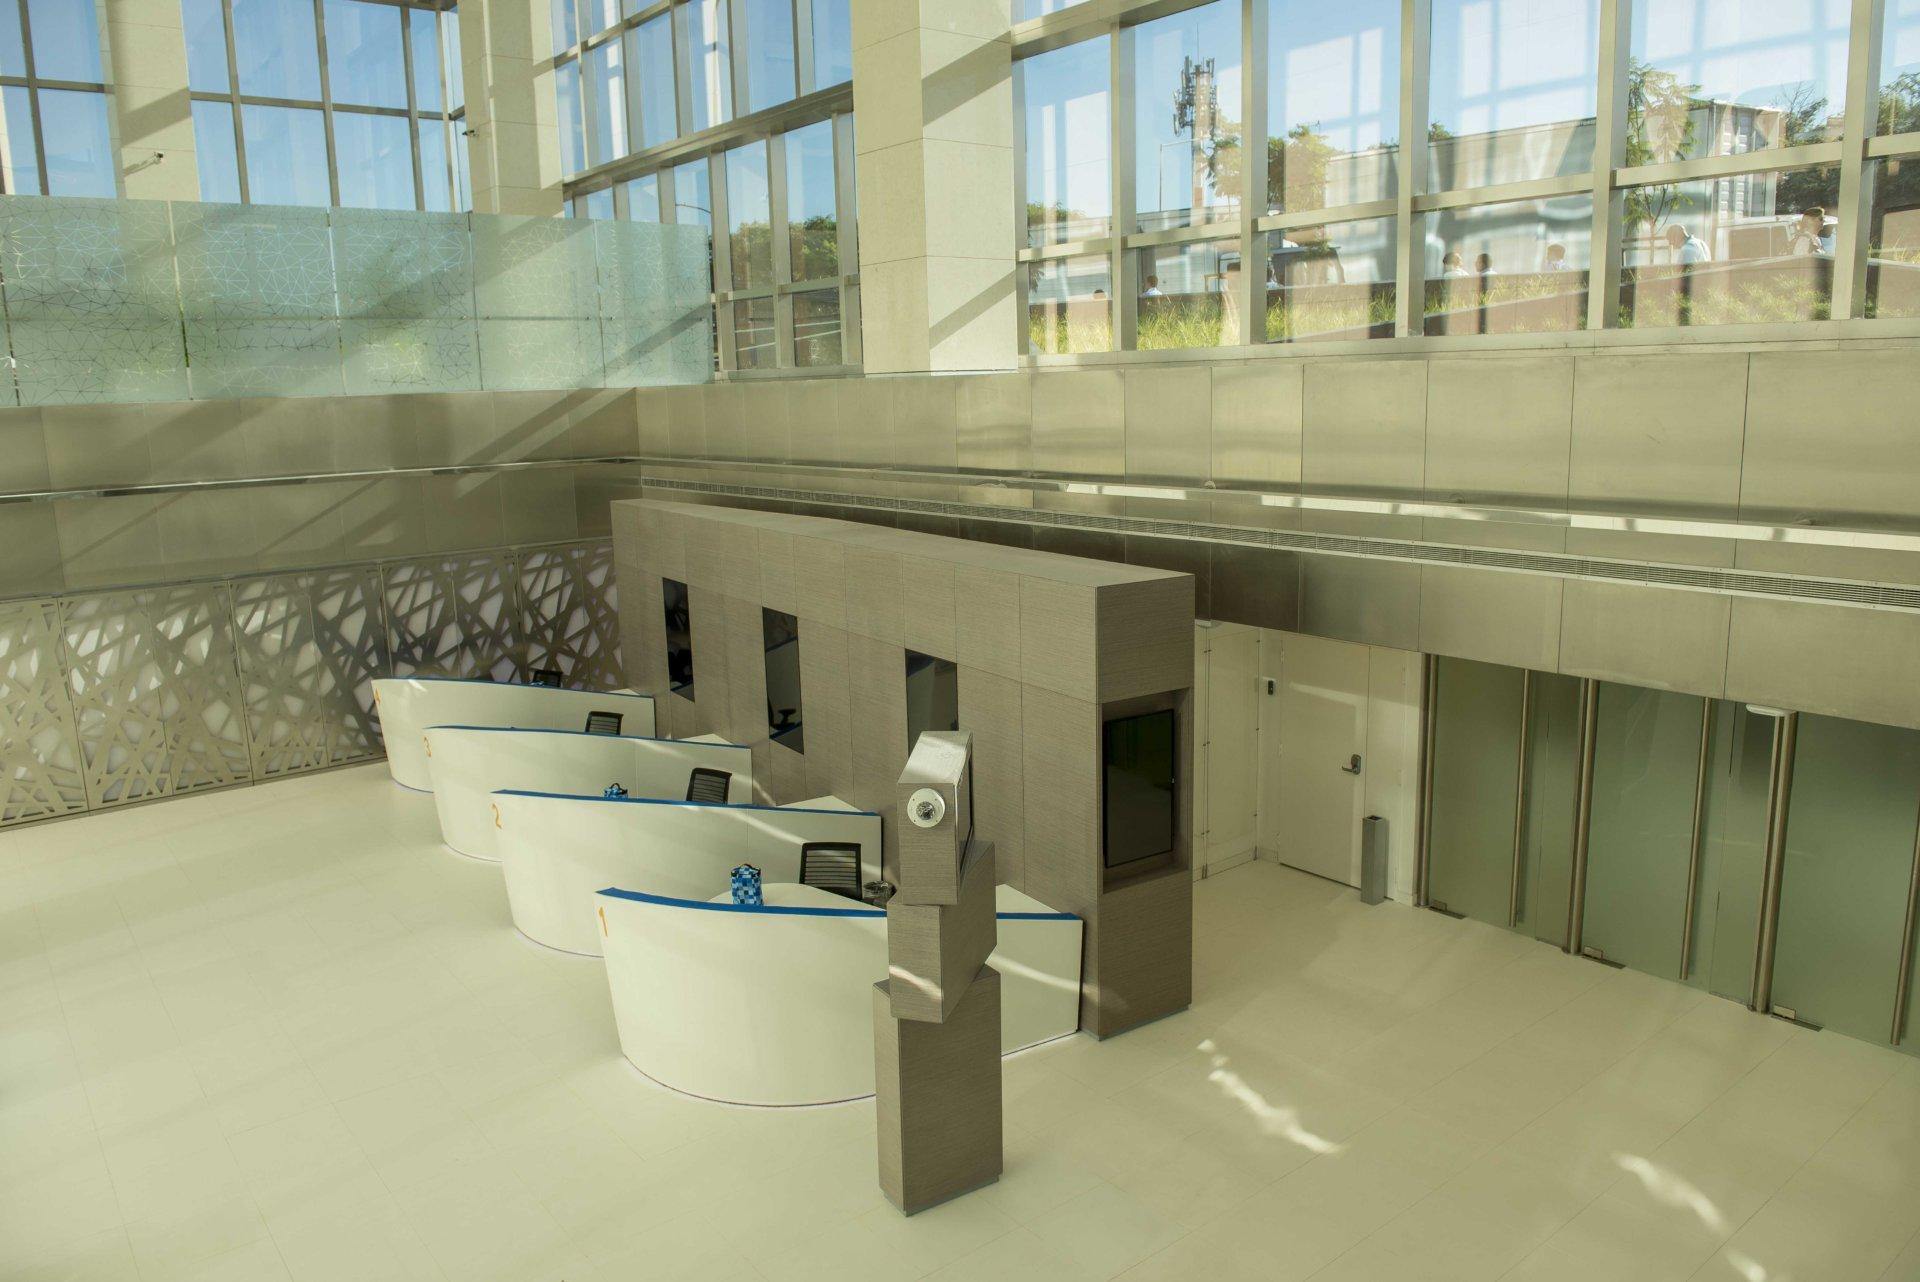 Bbva torre bbva franc s espacios abiertos colaboraci n for Banco bilbao vizcaya oficinas